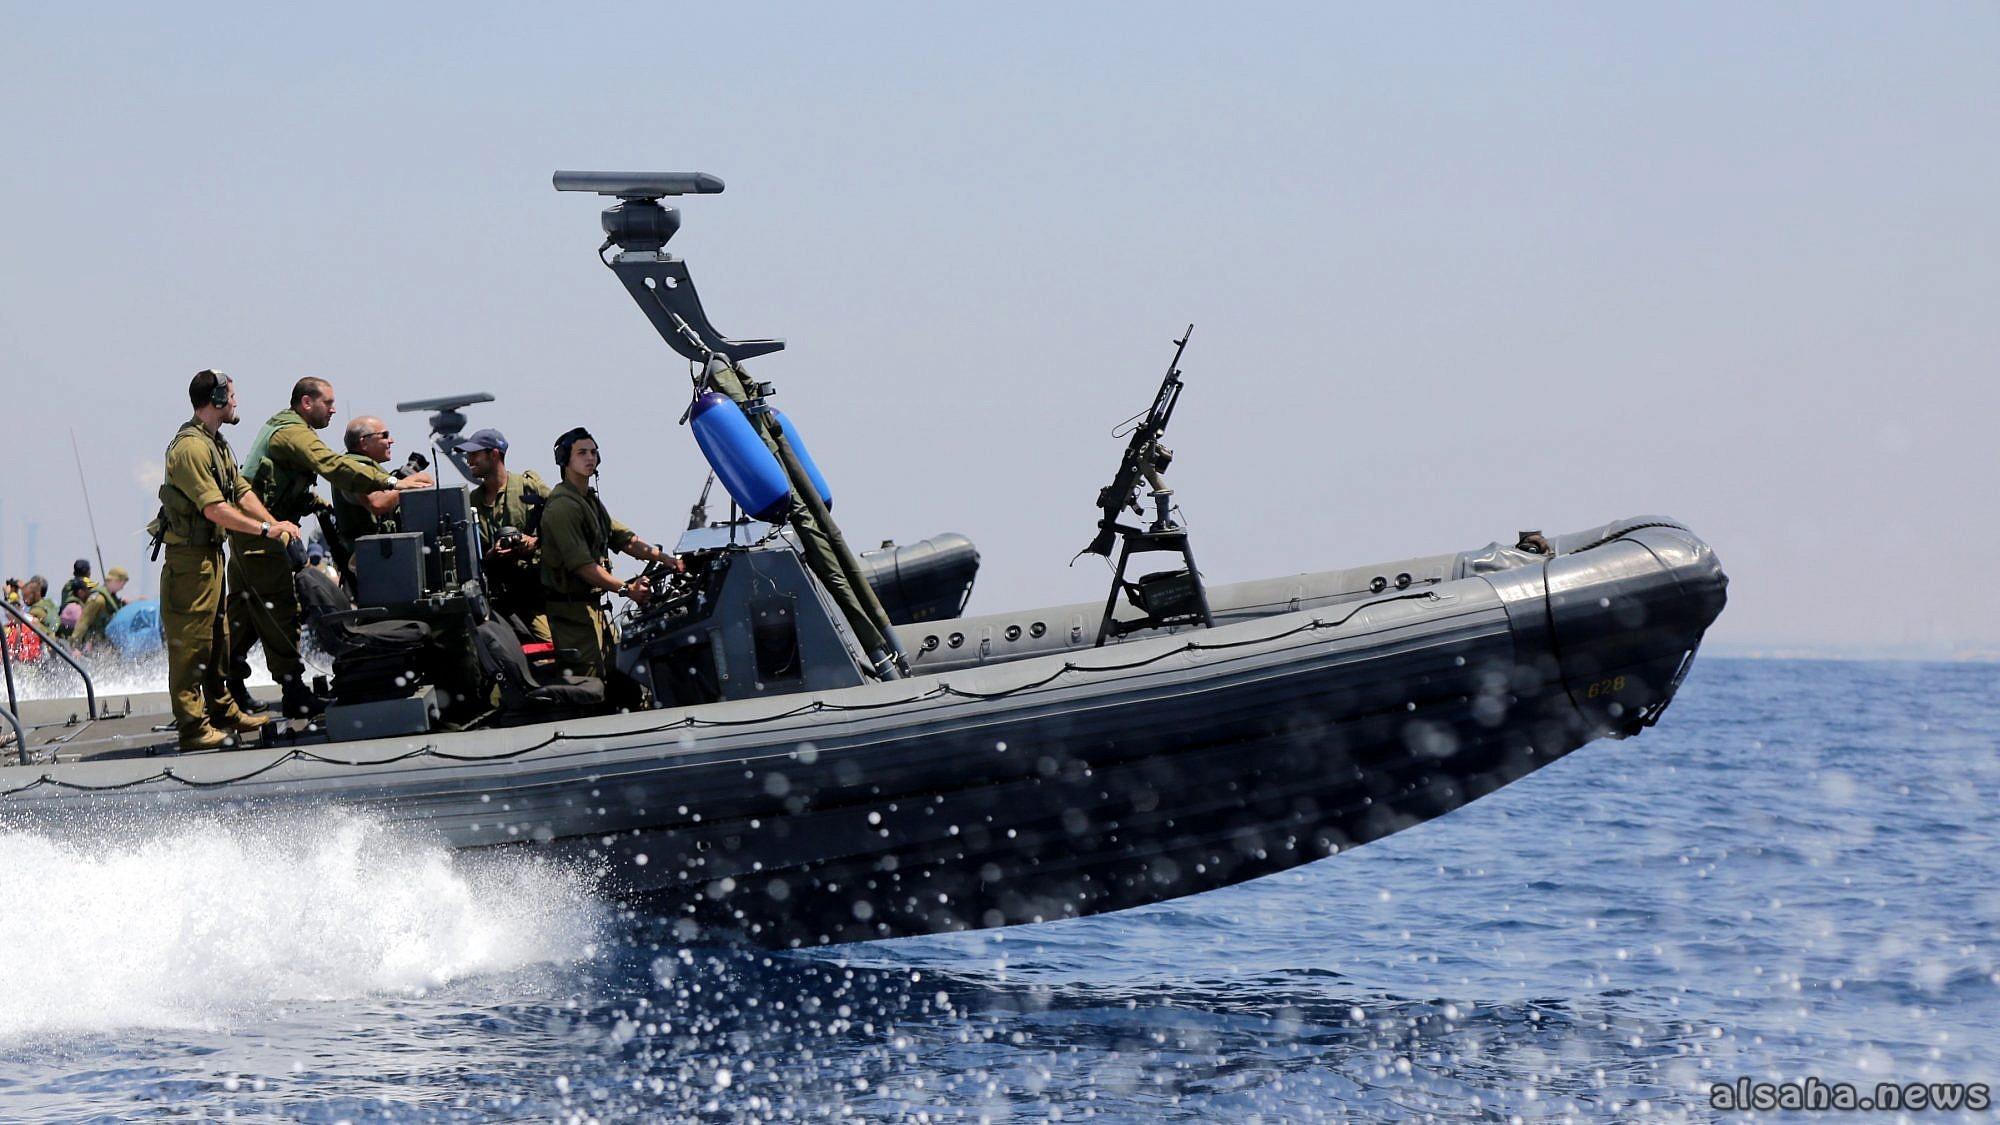 إصابة صياد بنيران الاحتلال في عرض بحر غزة